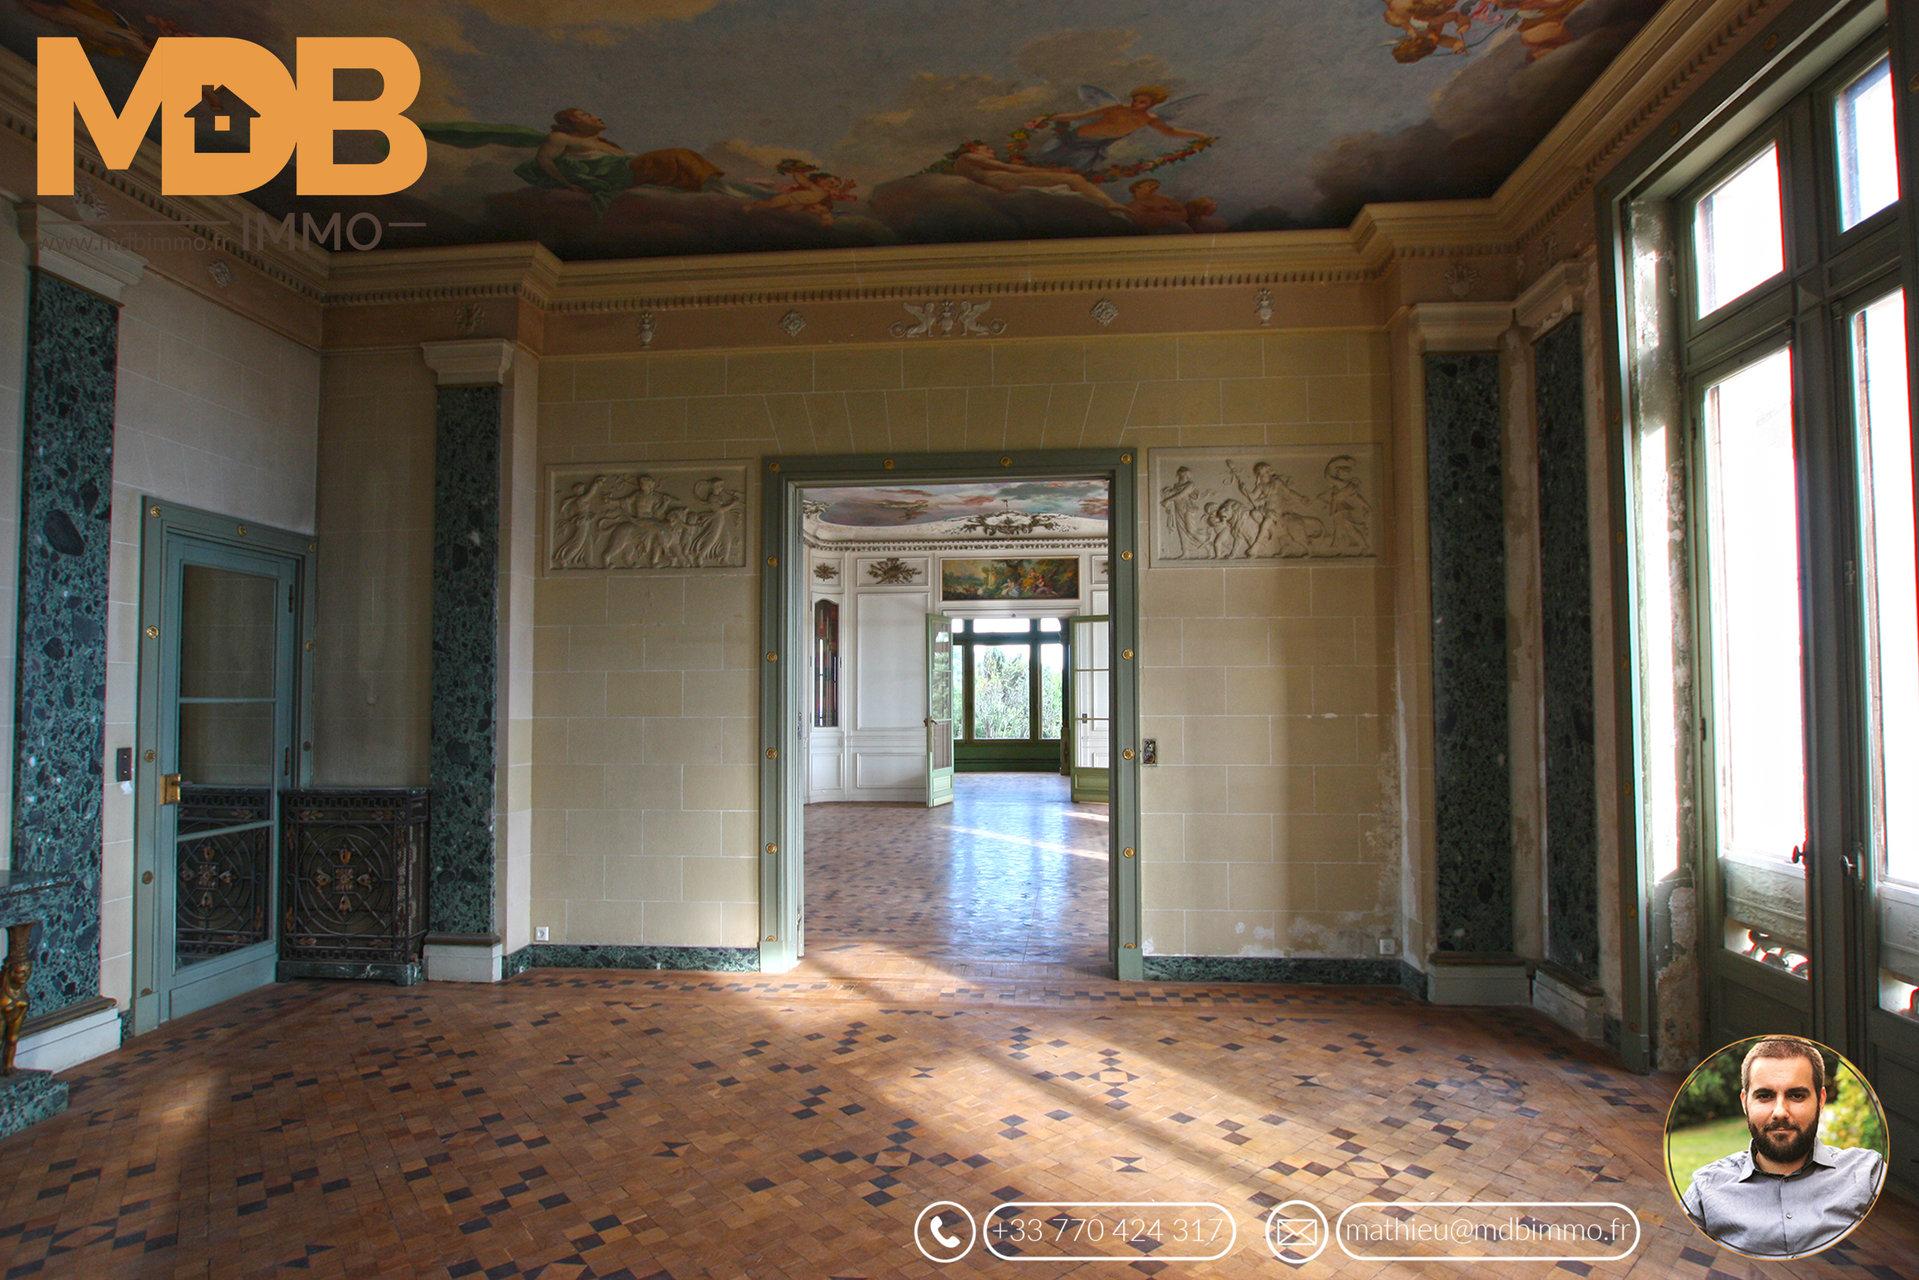 Nice - Gairaut - Chateau d'Azur - Villa appartement (Renaissance) - Vue panoramique mer - Piscine privative - Jardin - Perron - Prestige